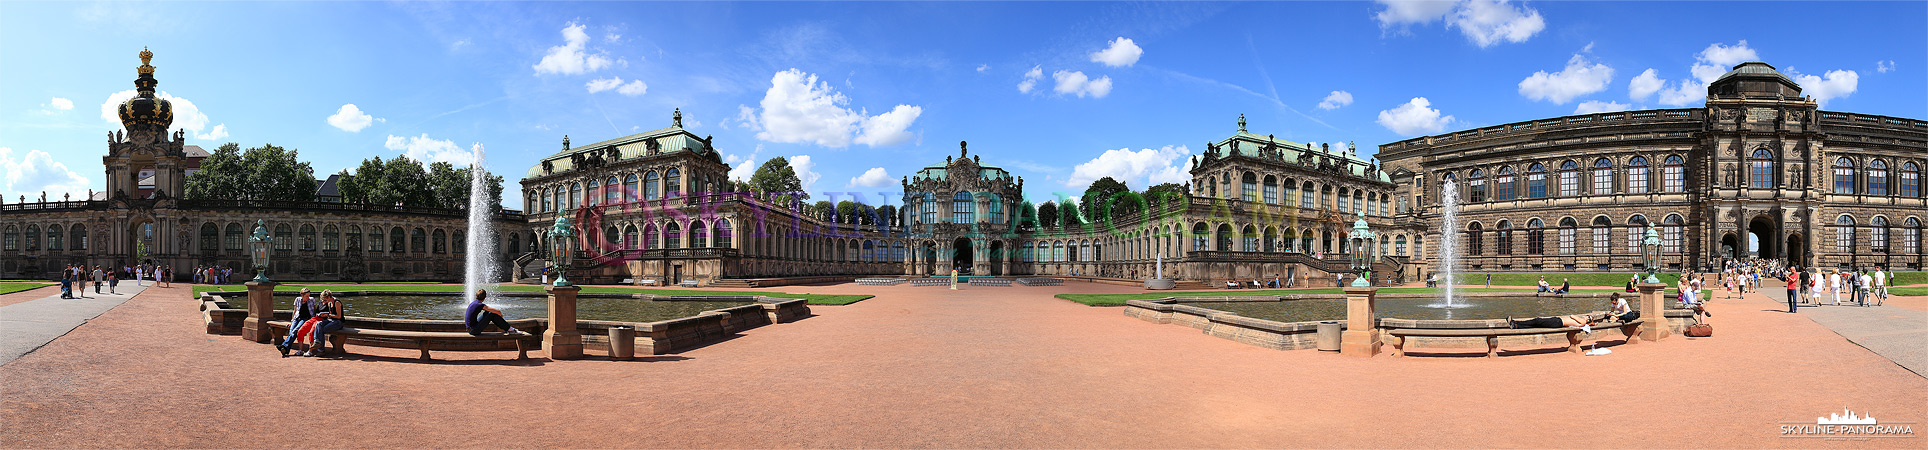 Der Zwinger gehört zu den meist besuchten Sehenswürdigkeiten von Dresden, dieses Bild zeigt des Kronentor, den Wallpavillon im Zentrum, zwei der vier Innenhofbrunnen sowie die Rüstkammer am rechen Bildrand.